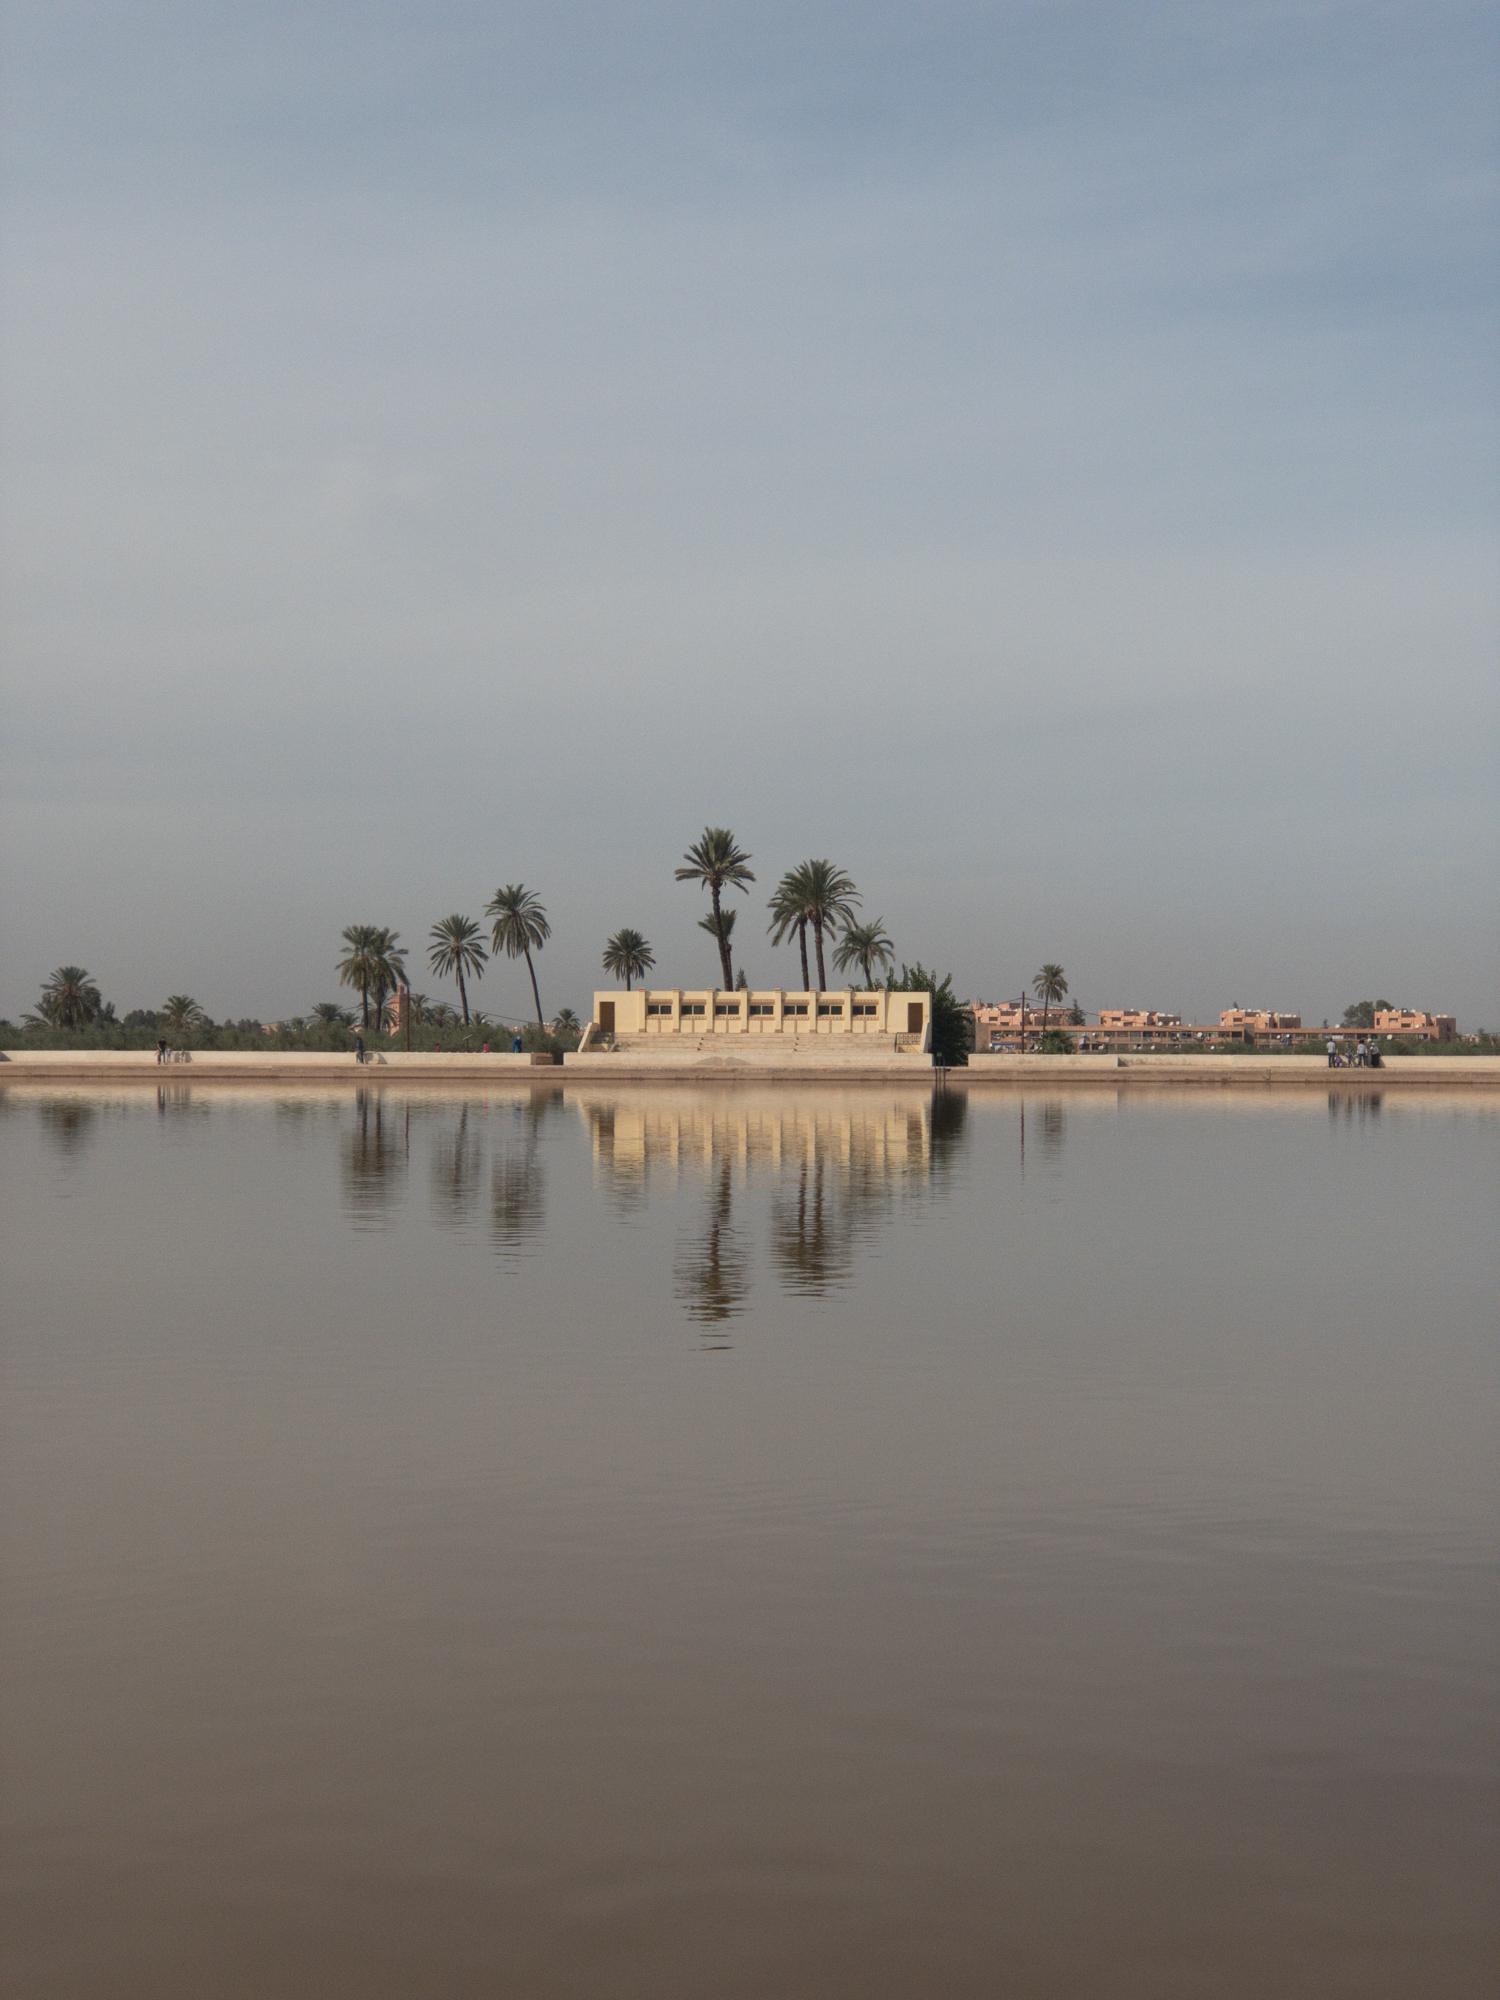 Marrakech_iPhone8+_Photos - Blog_Photos-51.jpg